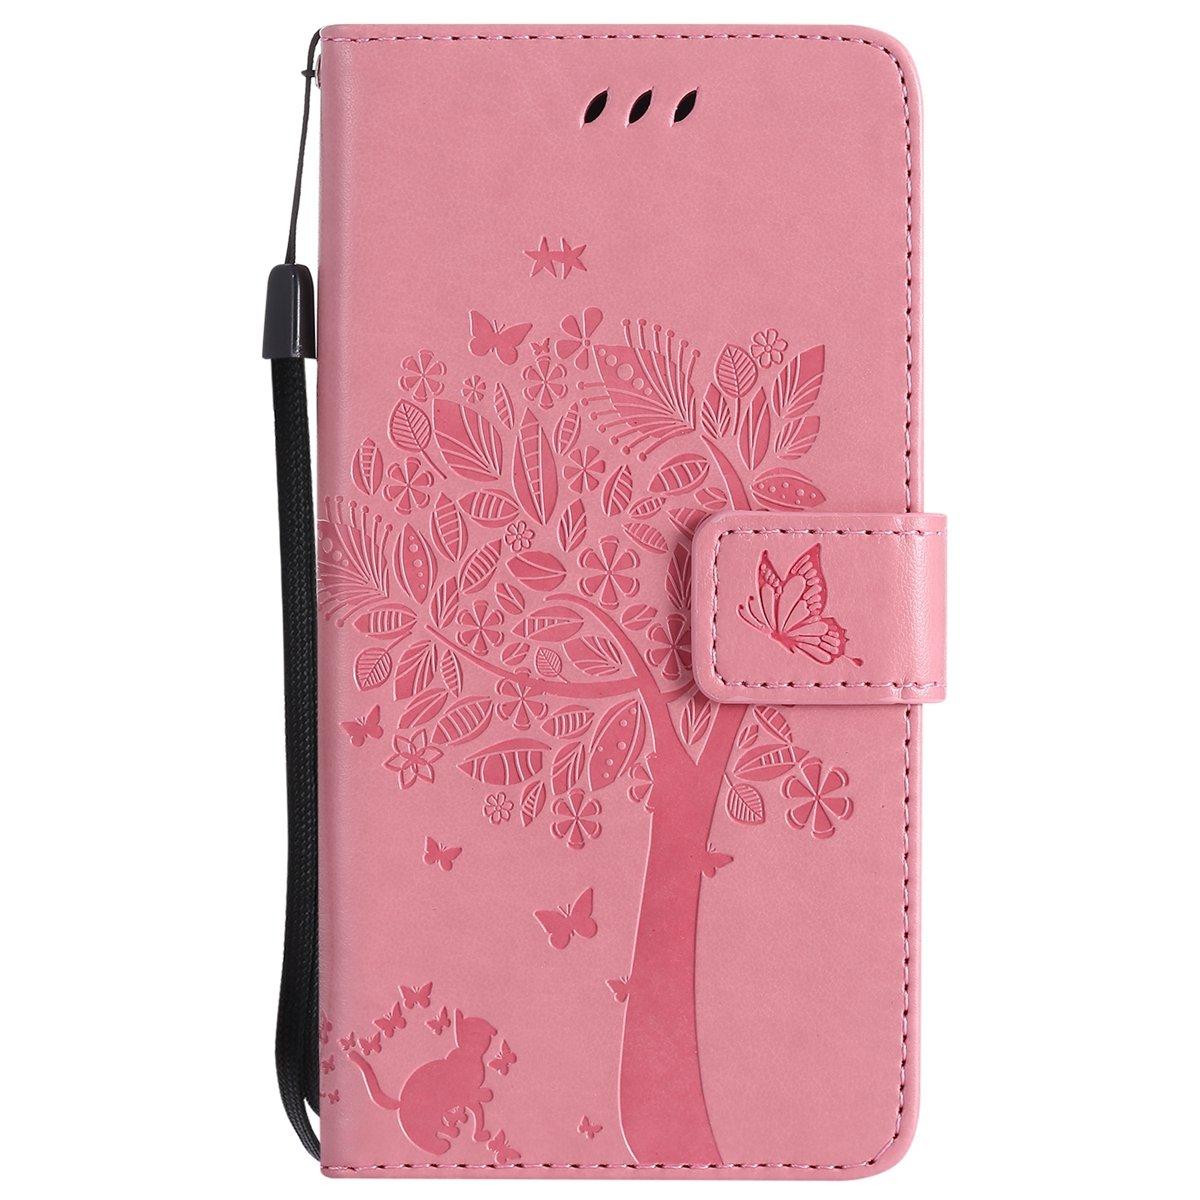 ISAKEN Custodia Cover per Huawei P10 Lite [PU Leather] Portafoglio Flip Copertura Rose Pattern Libro Wallet Cover con Supporto di Stand e Carte Caso, Rose: Rossa EUK-WPAR0012174